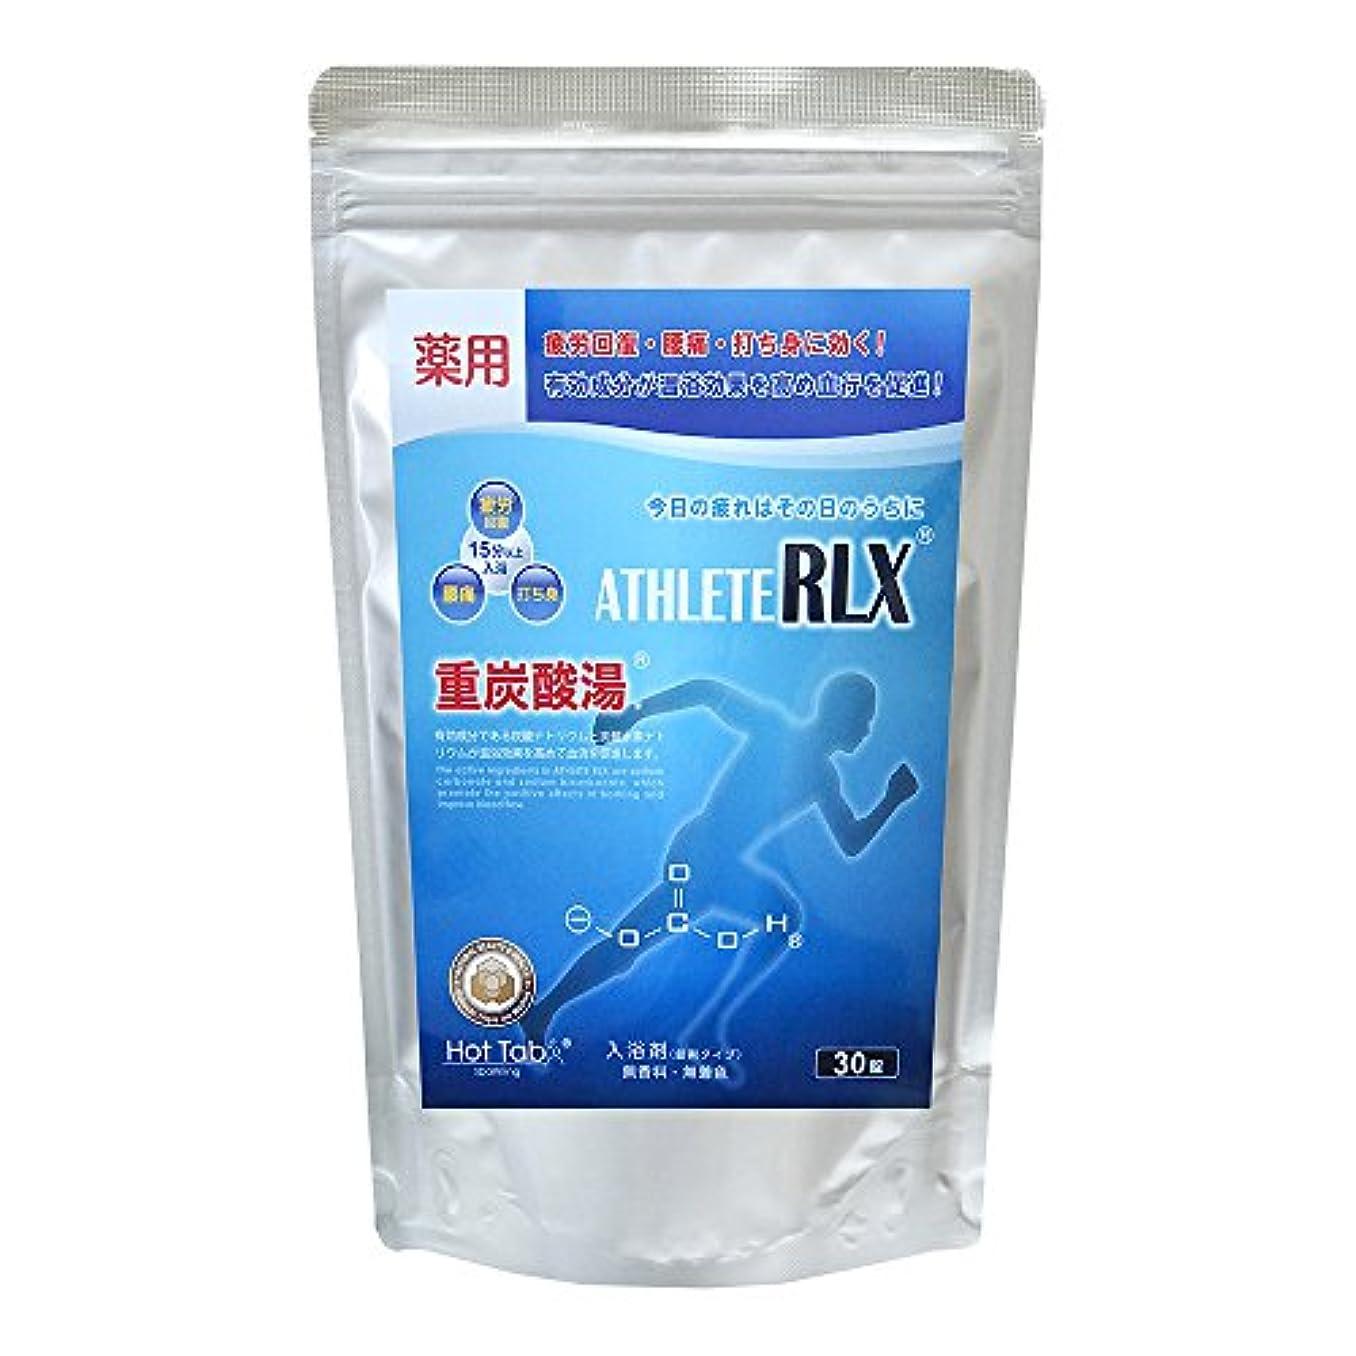 ひばりジャンピングジャックキャプテンホットアルバムコム ATHLETE RLX(アスリートRLX) 薬用 30錠入り